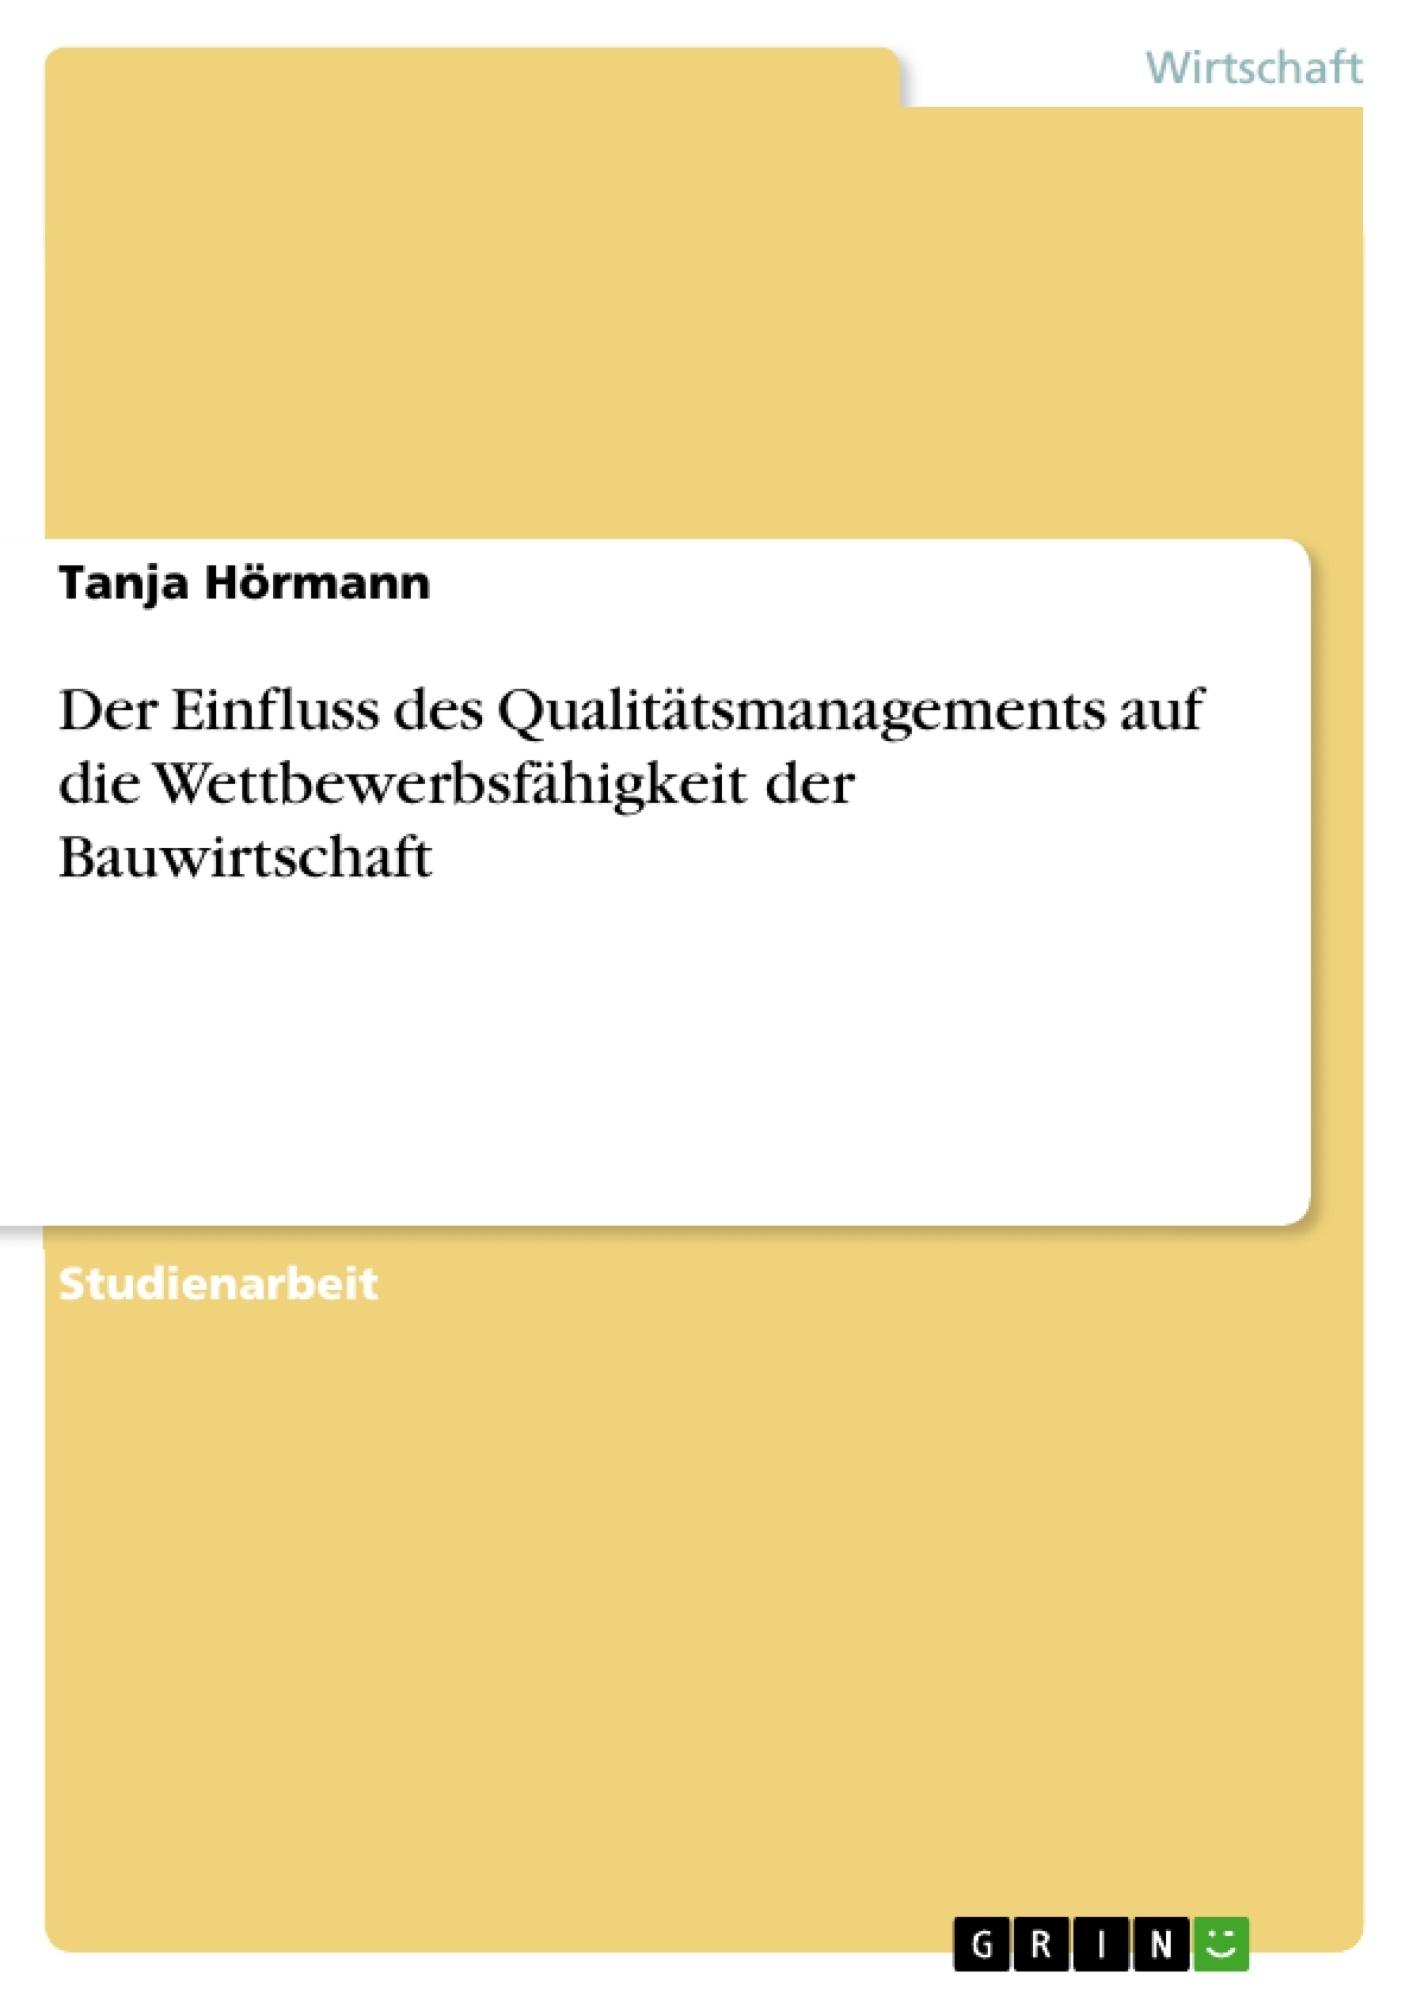 Titel: Der Einfluss des Qualitätsmanagements auf die Wettbewerbsfähigkeit der Bauwirtschaft